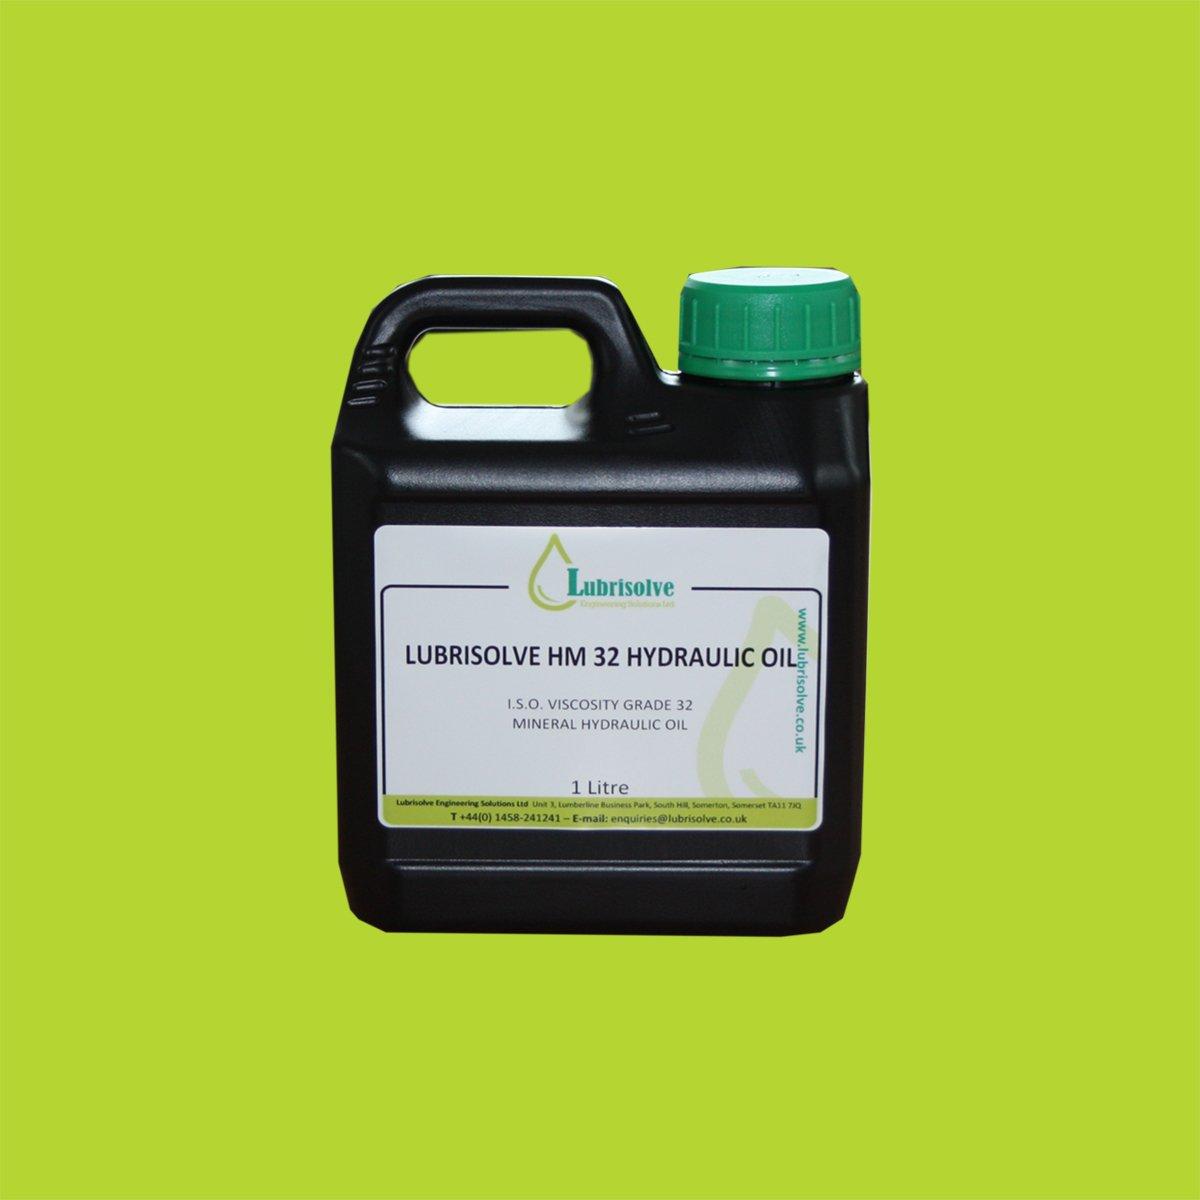 Lubrisolve HM 32 olio idraulico